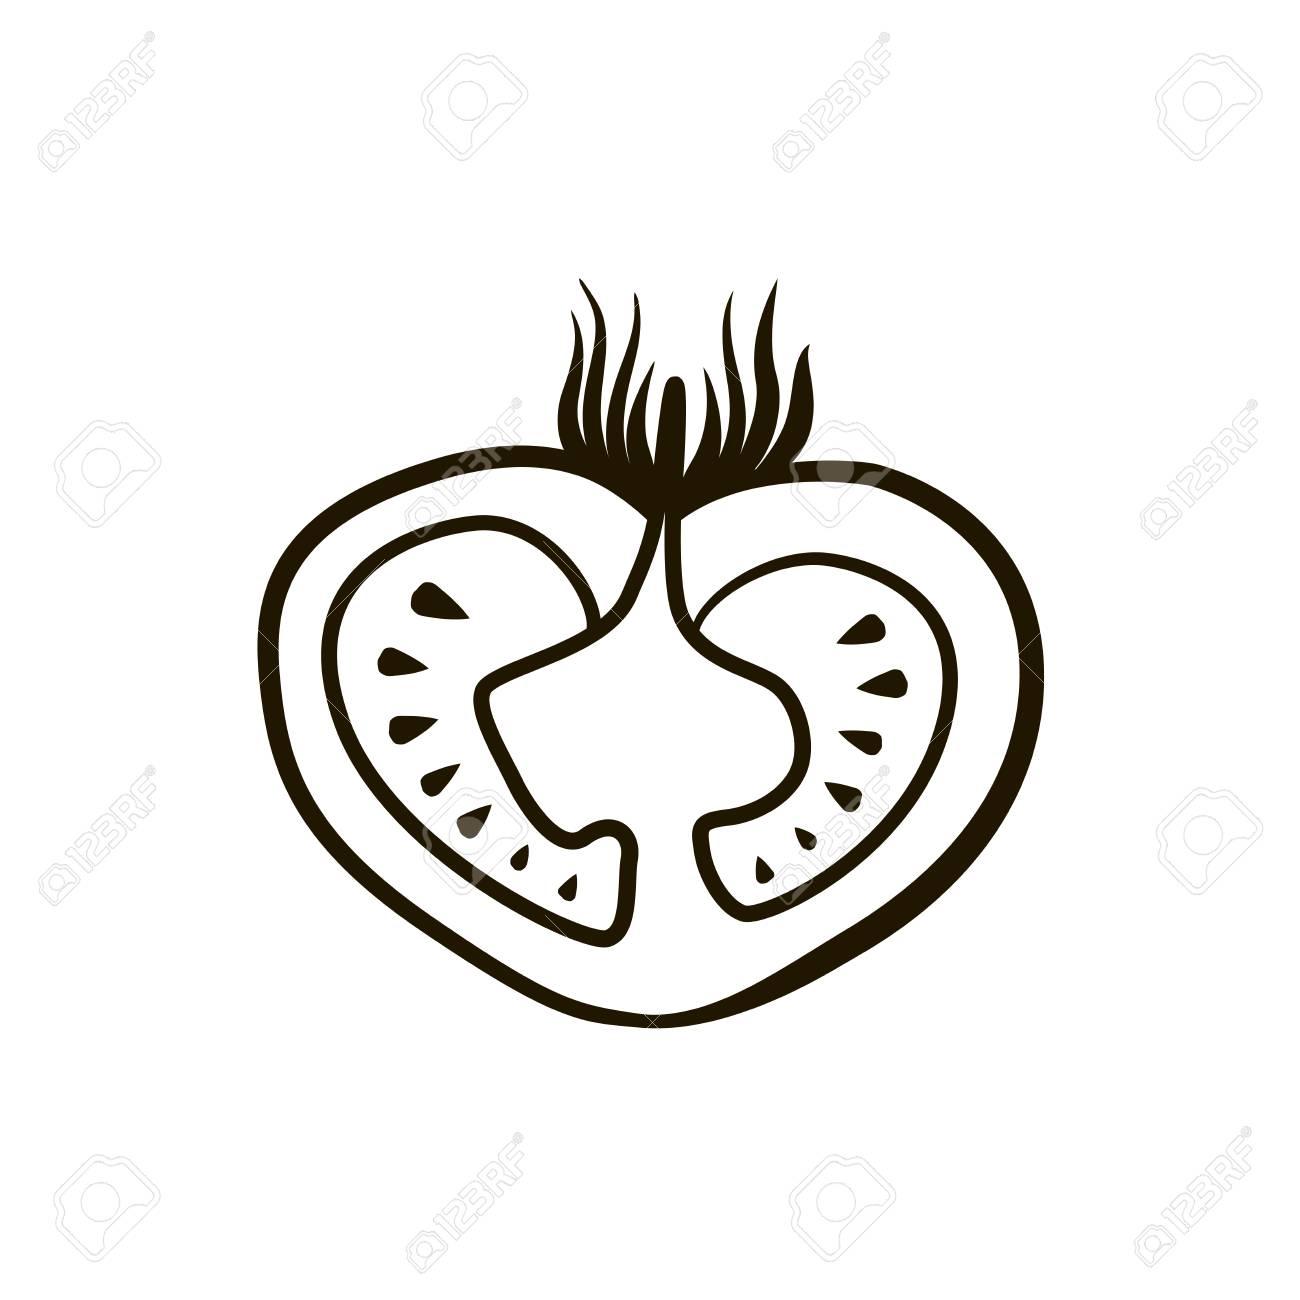 トマト漫画面白いかわいいイラスト白背景のイラスト素材ベクタ Image